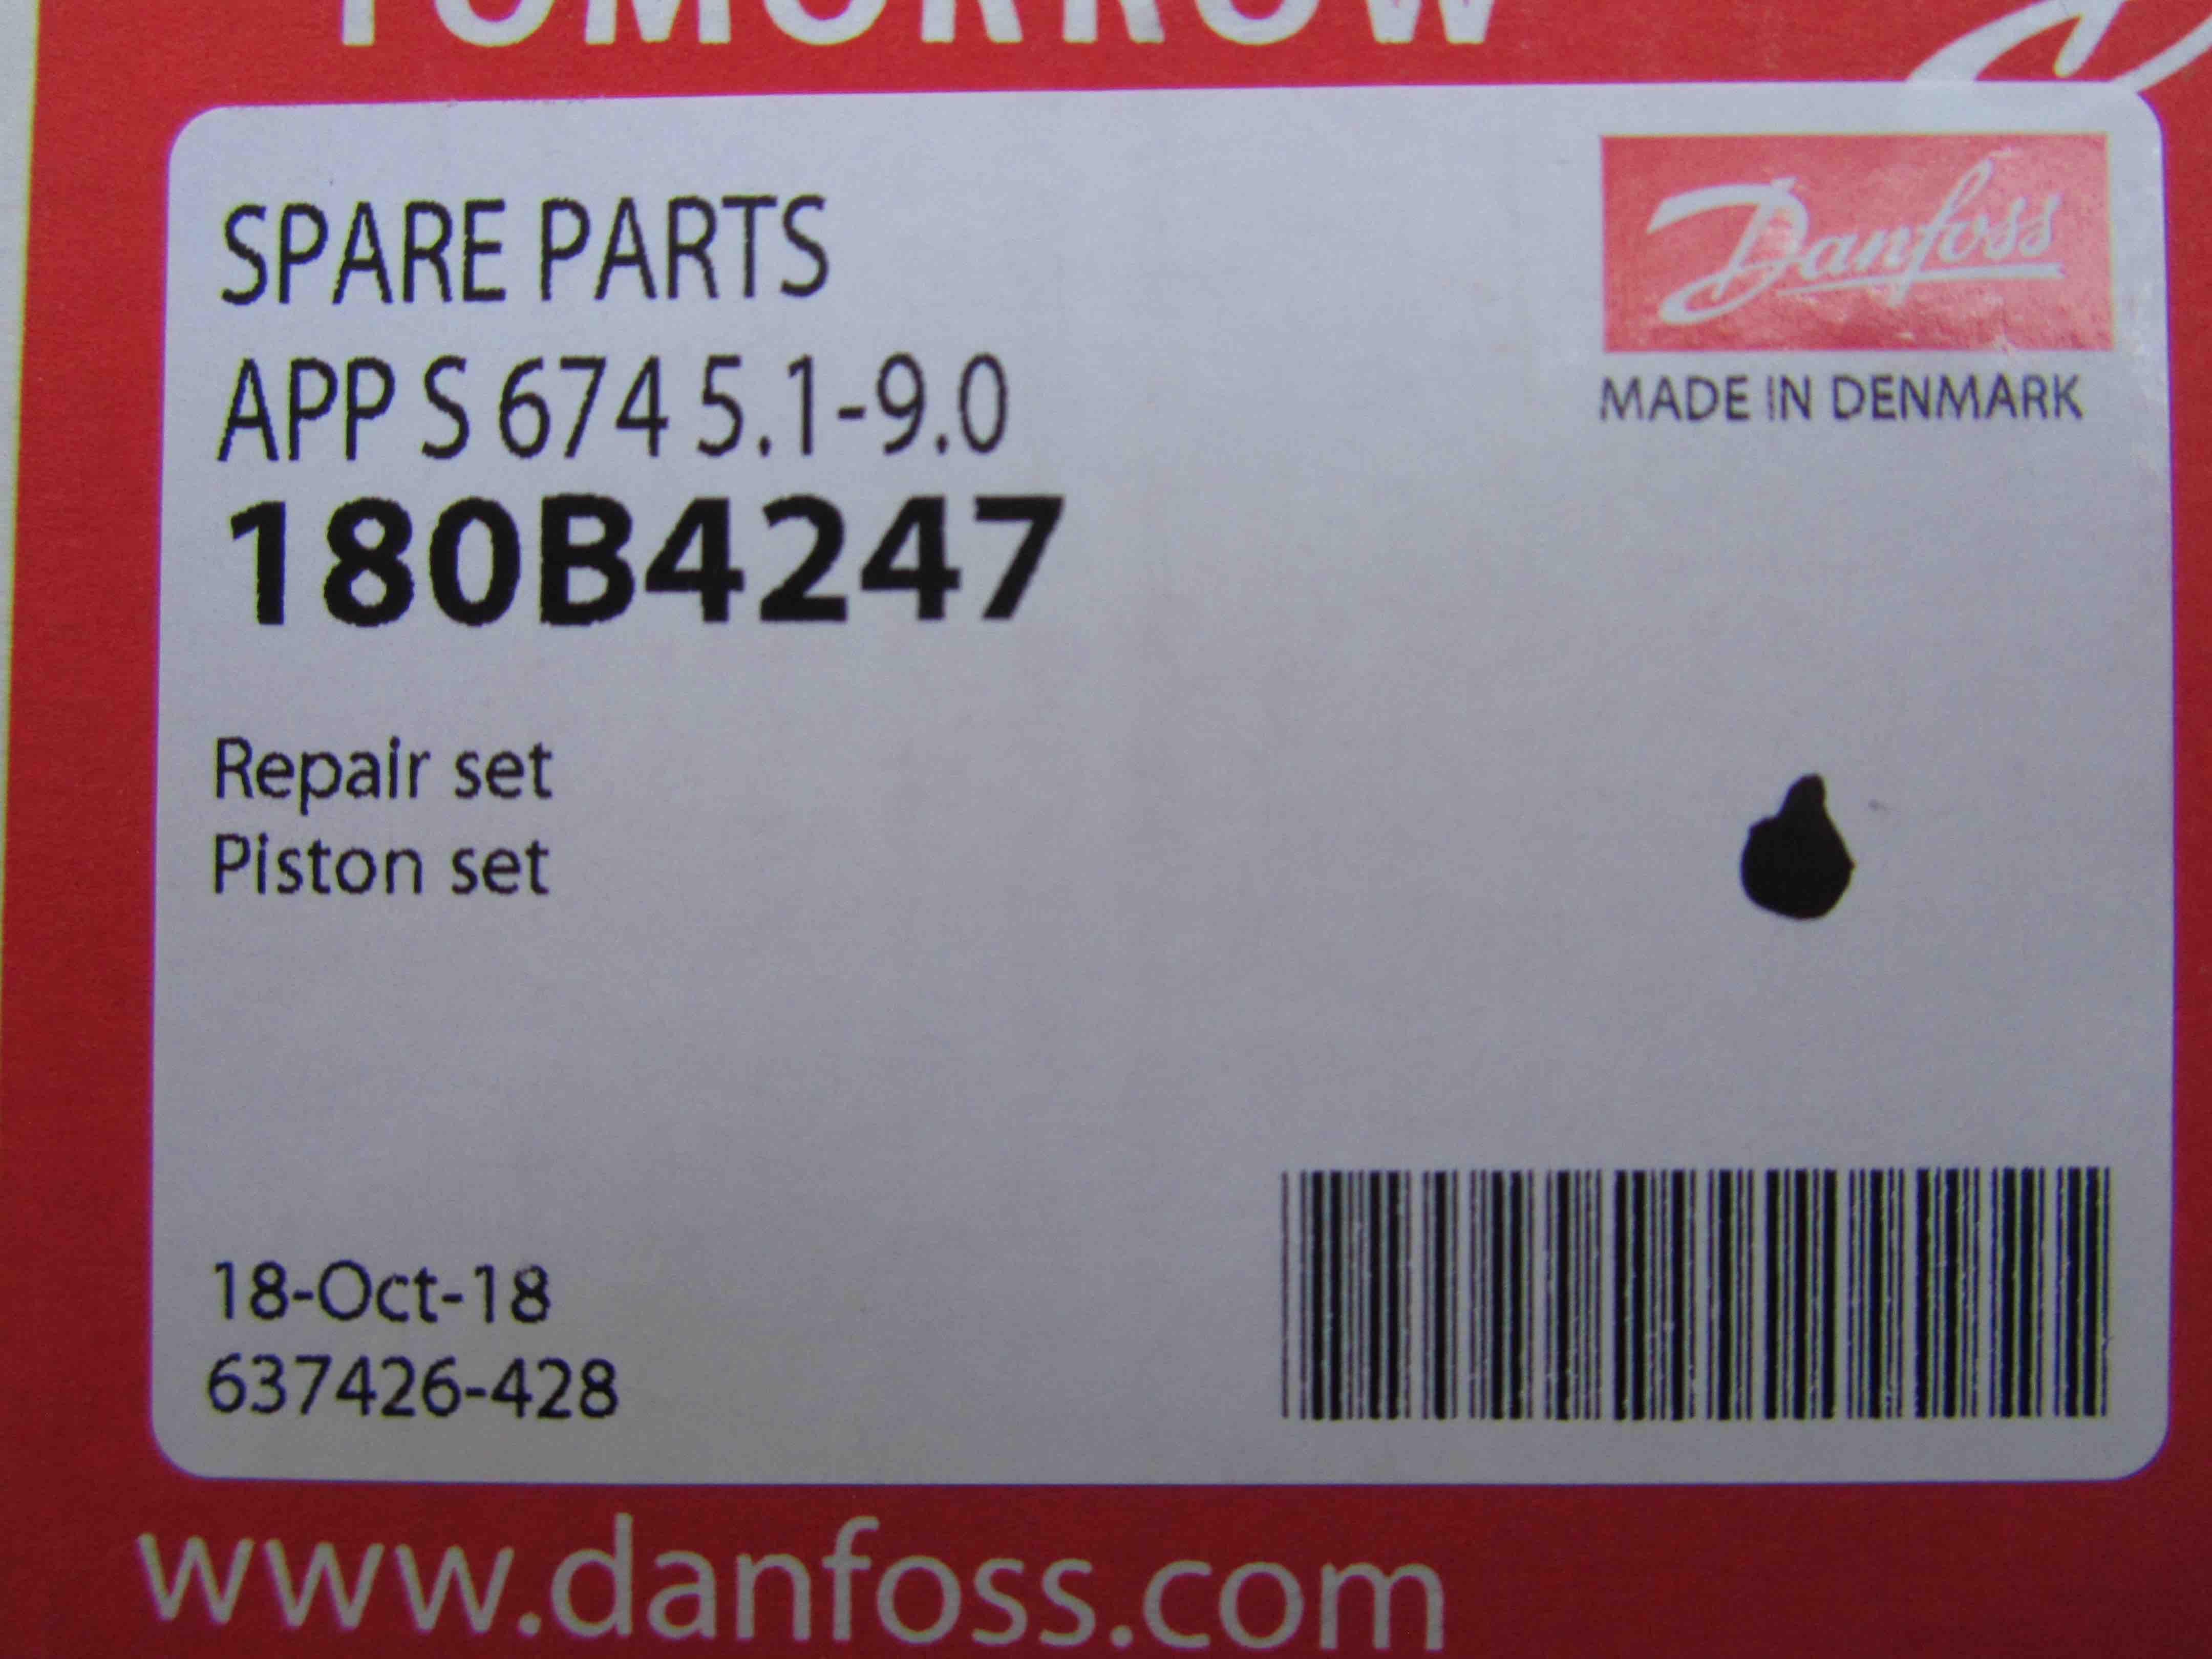 Danfoss 180B4247